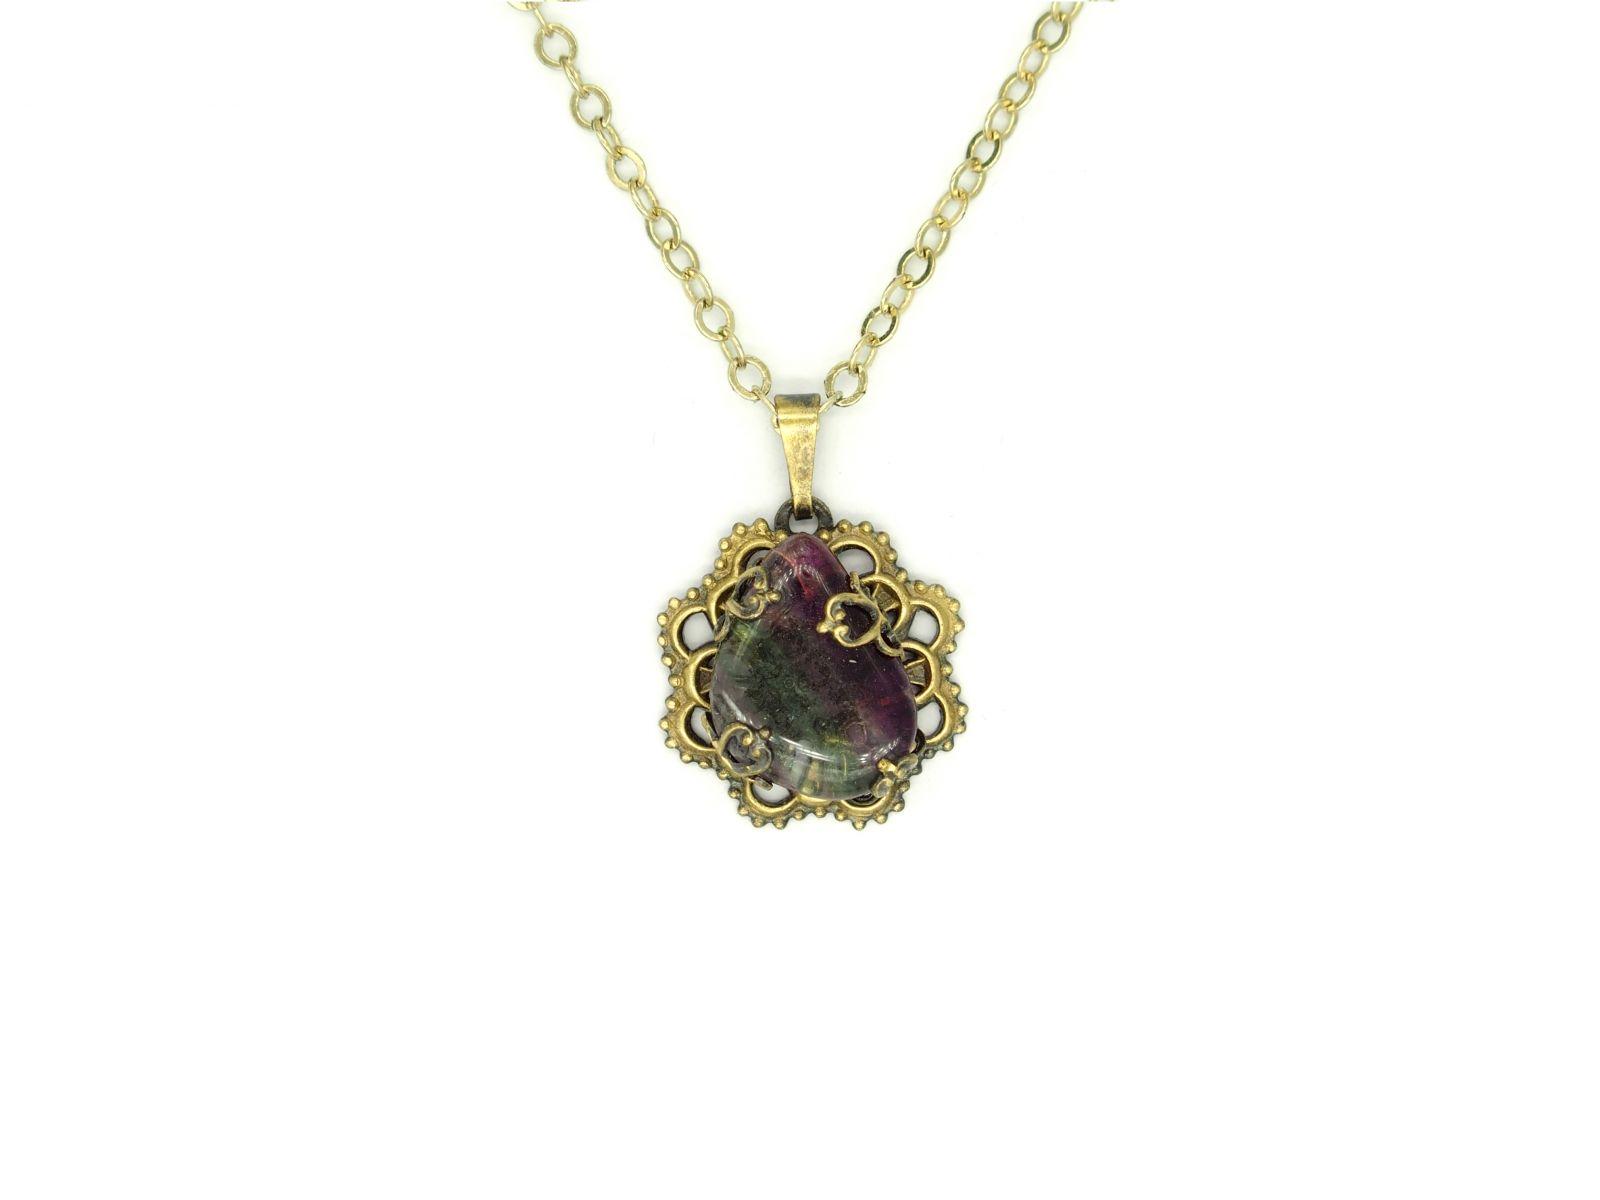 náhrdelník s přívěskem (c)